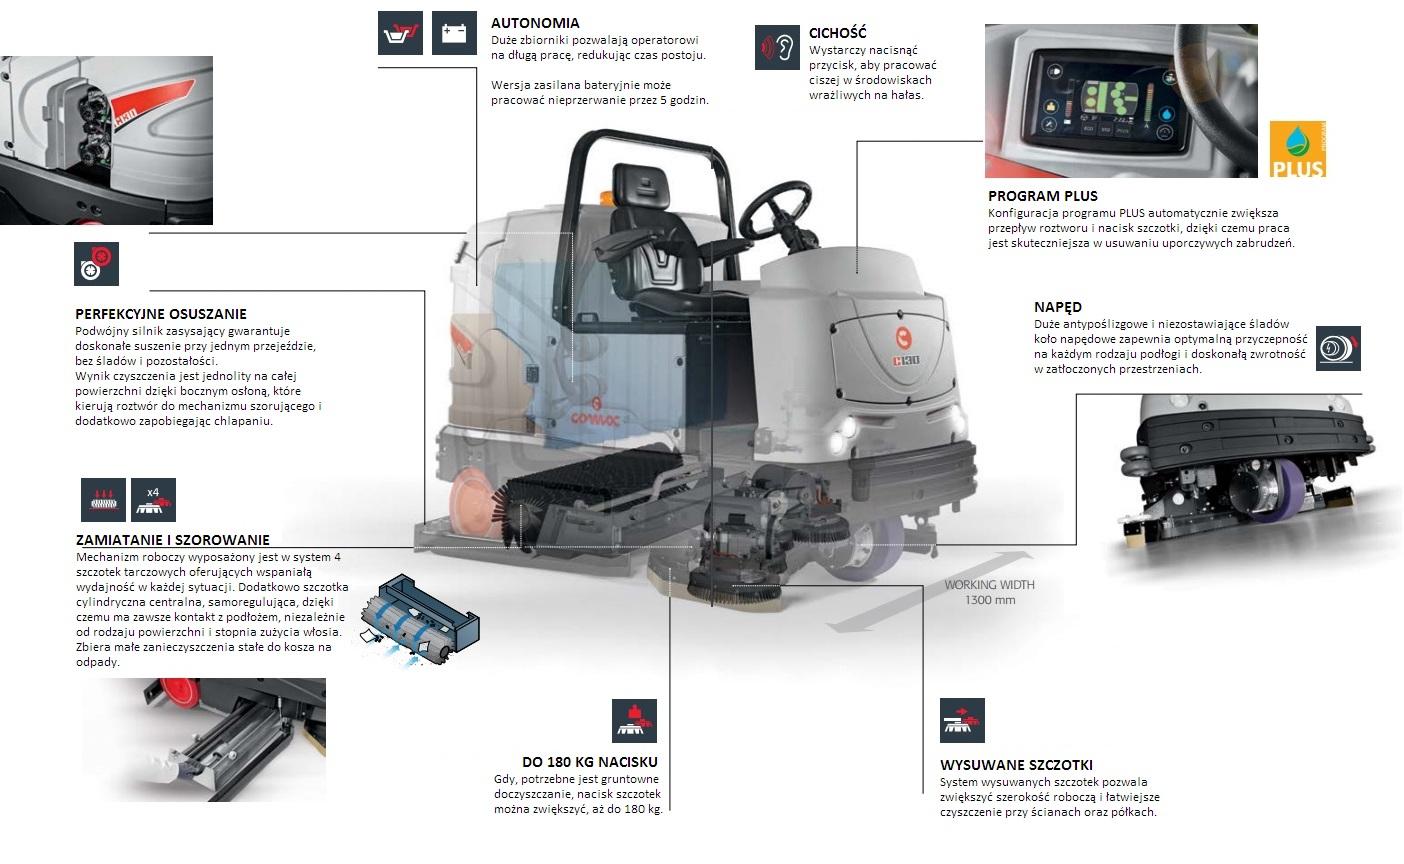 ultra CDS system oddzielnego dozowania woda i detergętem